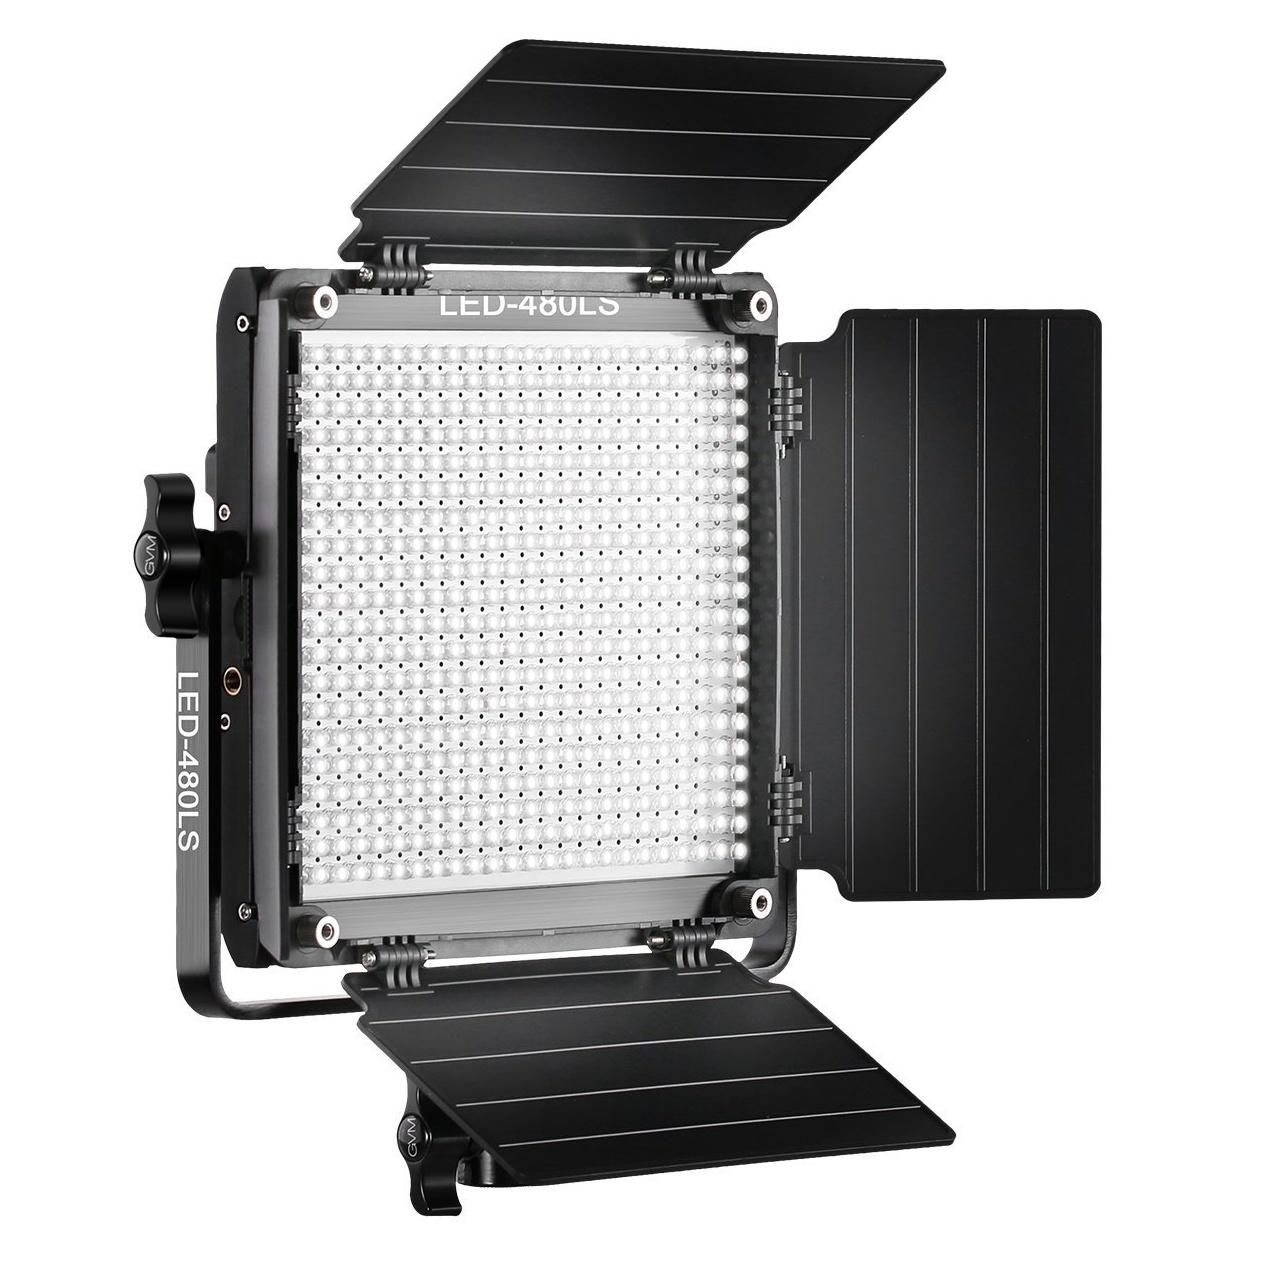 GVM 480LS Bi-Colour LED Studio Video Panel